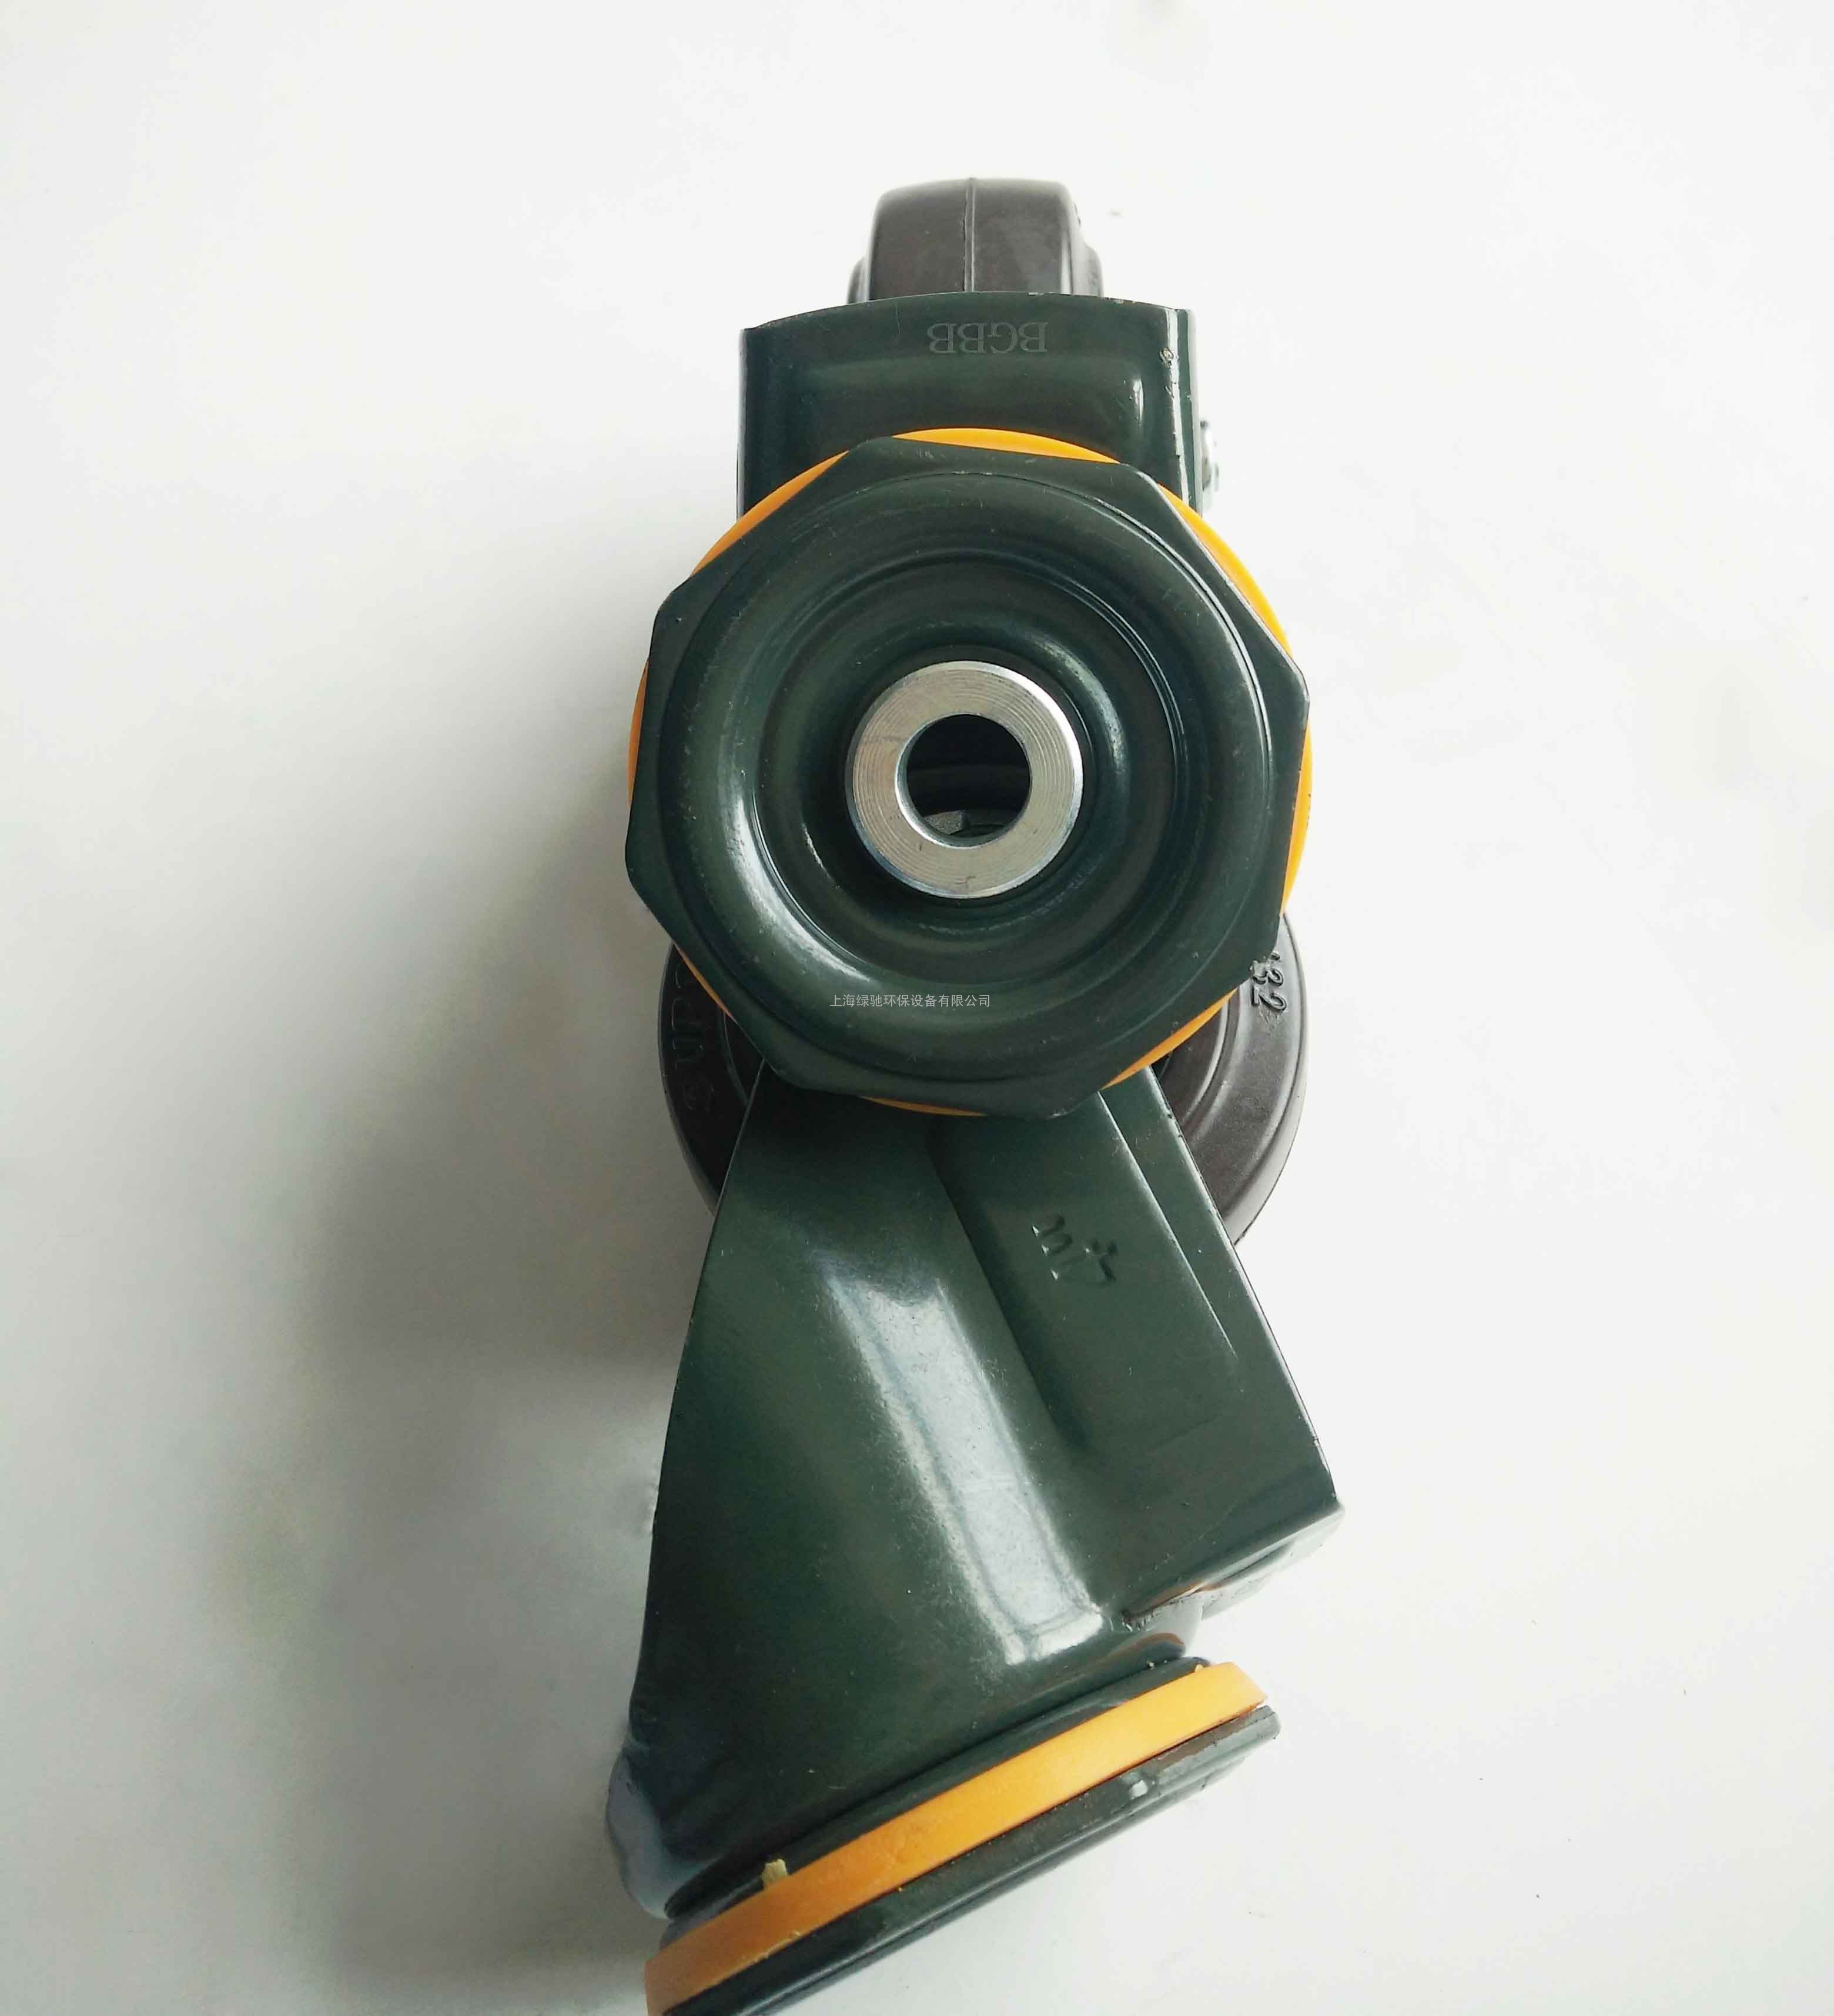 洗地机用向荣万向轮适用哈高洗地机洗地机配件洗地机厂家